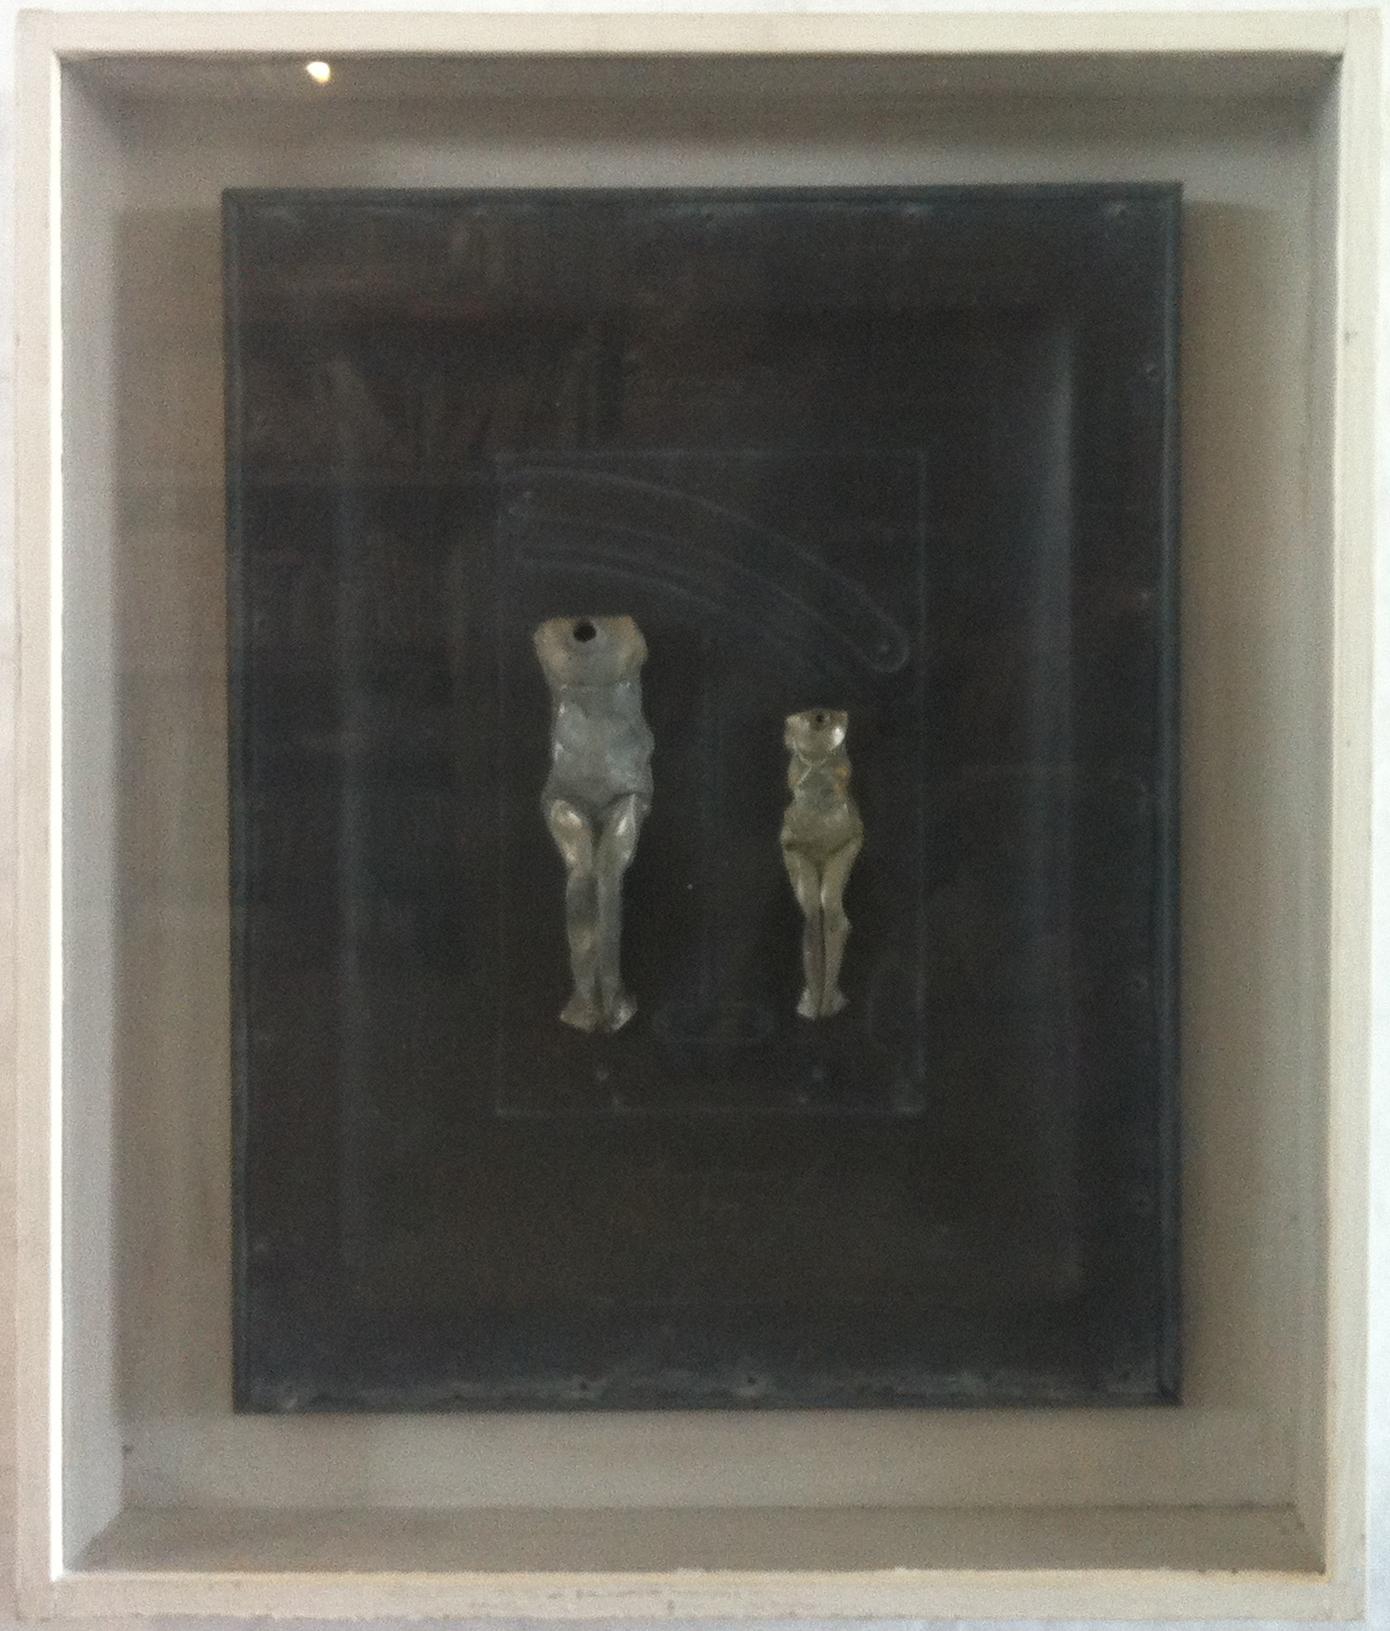 o.T. | 1995 | Blei und leere Farbtuben mit Nieten auf einem Bleicorpus | 49 x 39 x 3 cm